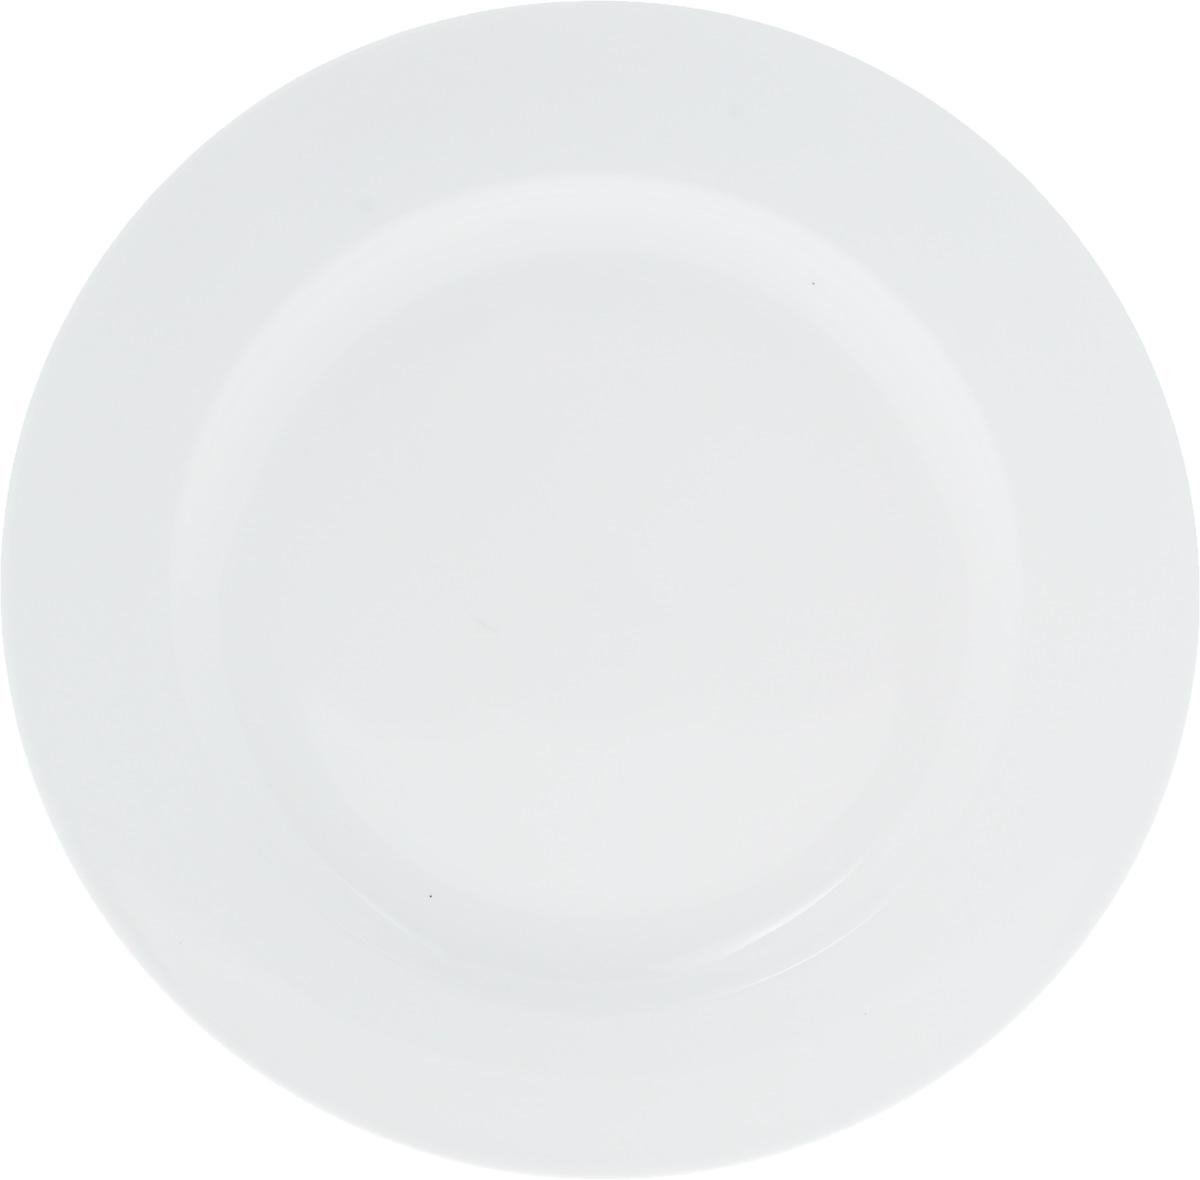 Блюдо Wilmax, диаметр 30,5 см115510Оригинальное круглое блюдо Wilmax, изготовленное из фарфора с глазурованным покрытием, прекрасноподойдет для подачи нарезок, закусок и других блюд. Фарфор от Wilmax изготовлен по уникальному рецепту из сплава магния и алюминия, благодаря чему посуда обладает характерной белизной, прочностью и устойчивостью к сколами. Особый состав глазури обеспечивает гладкость и блеск поверхности изделия.Оно украсит ваш кухонный стол, а также станет замечательным подарком к любому празднику.Можно мыть в посудомоечной машине и использовать в микроволновой печи. Изделие пригодно для использования в духовых печах и выдерживает температуру до 300°С.